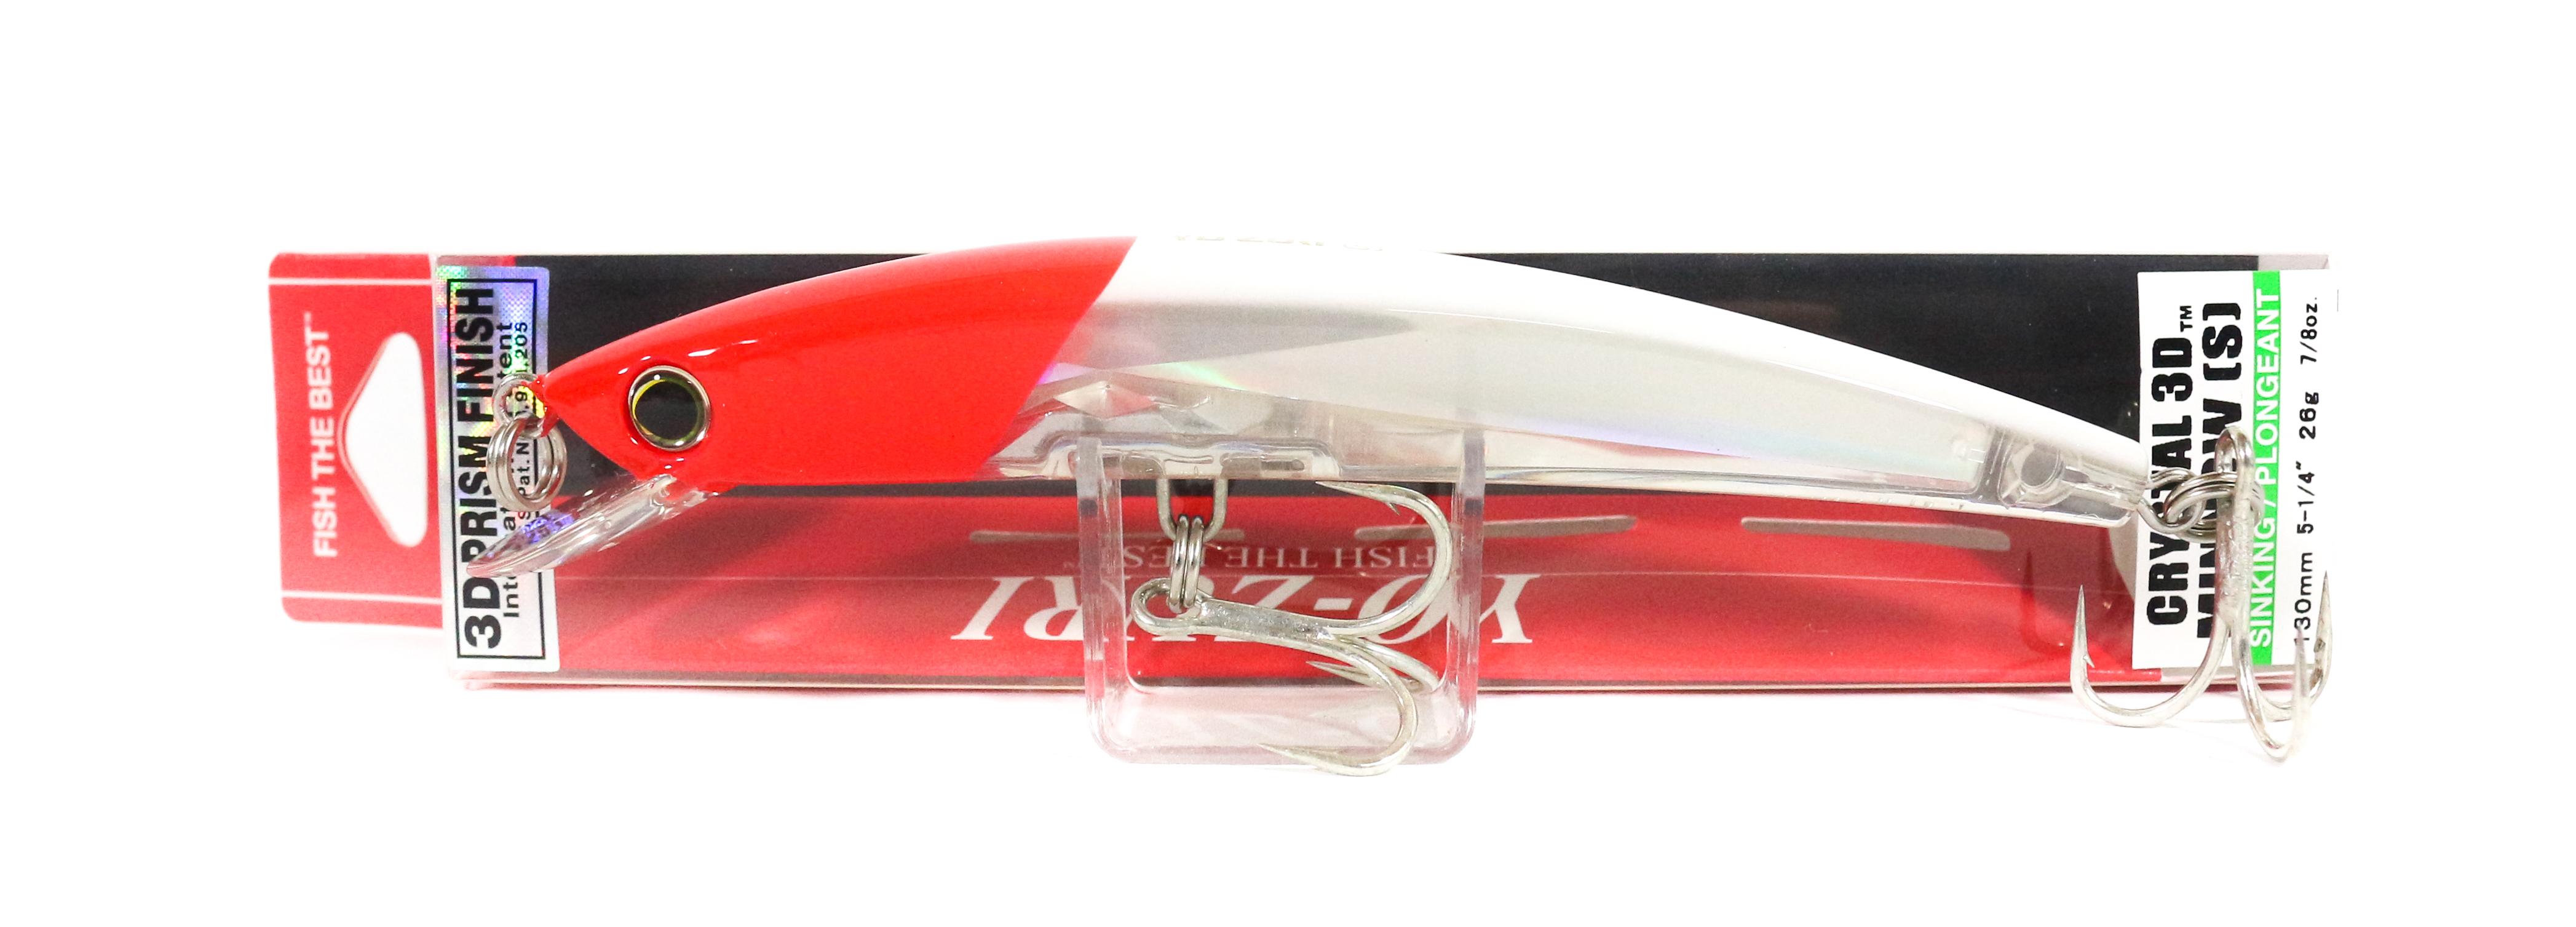 Yo Zuri 3D Crystal Minnow 130 mm Sinking Lure F1150-C5 (6300)